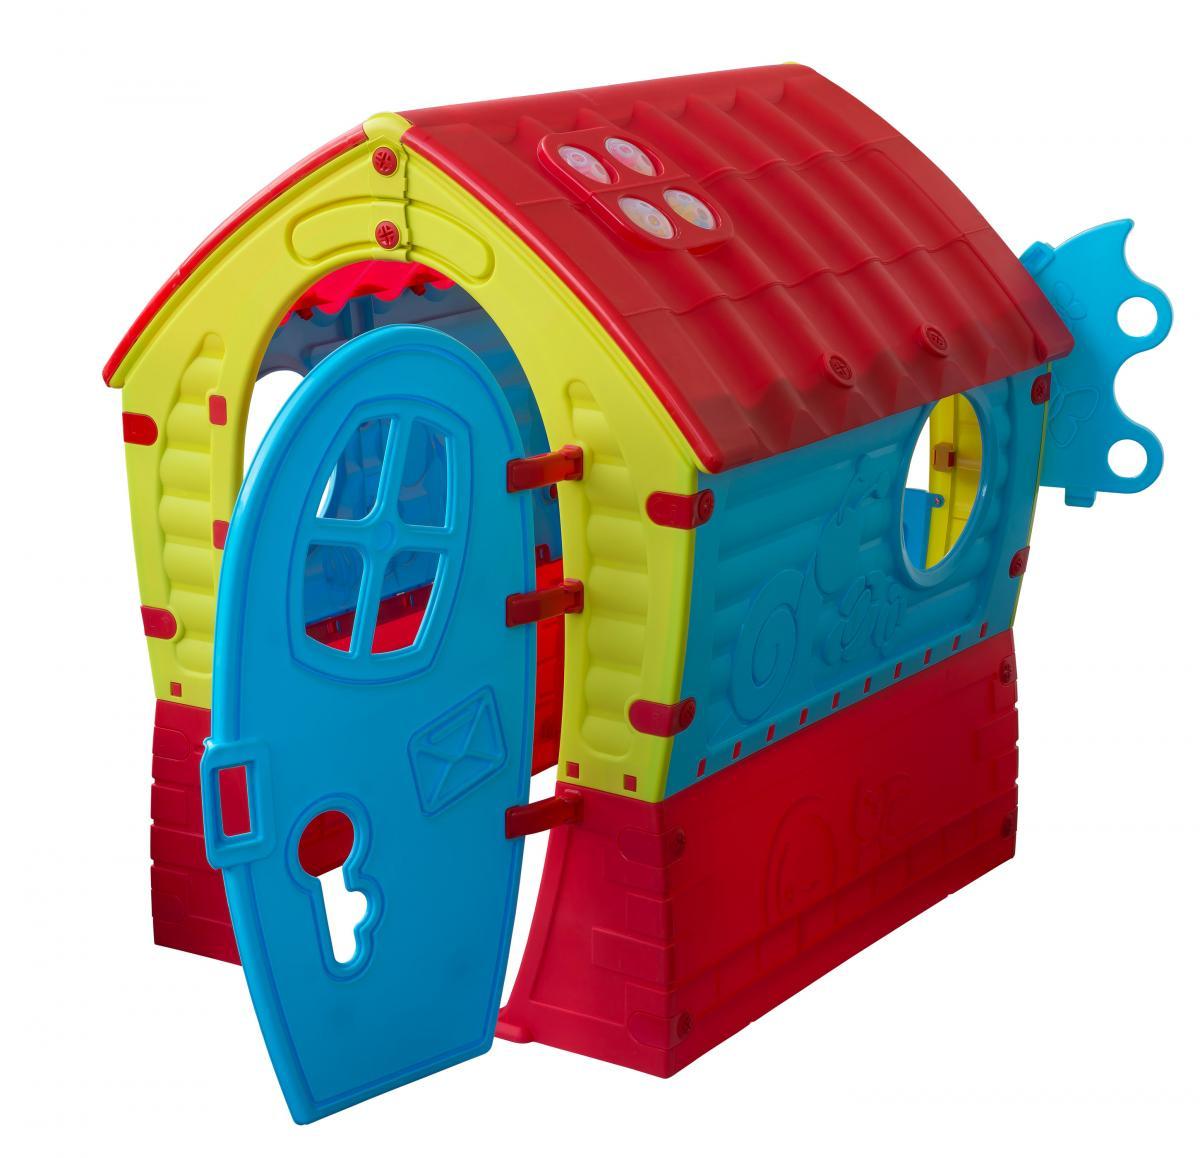 Preissturz Spielhaus Dream House Kinder Gartenhaus In And Out